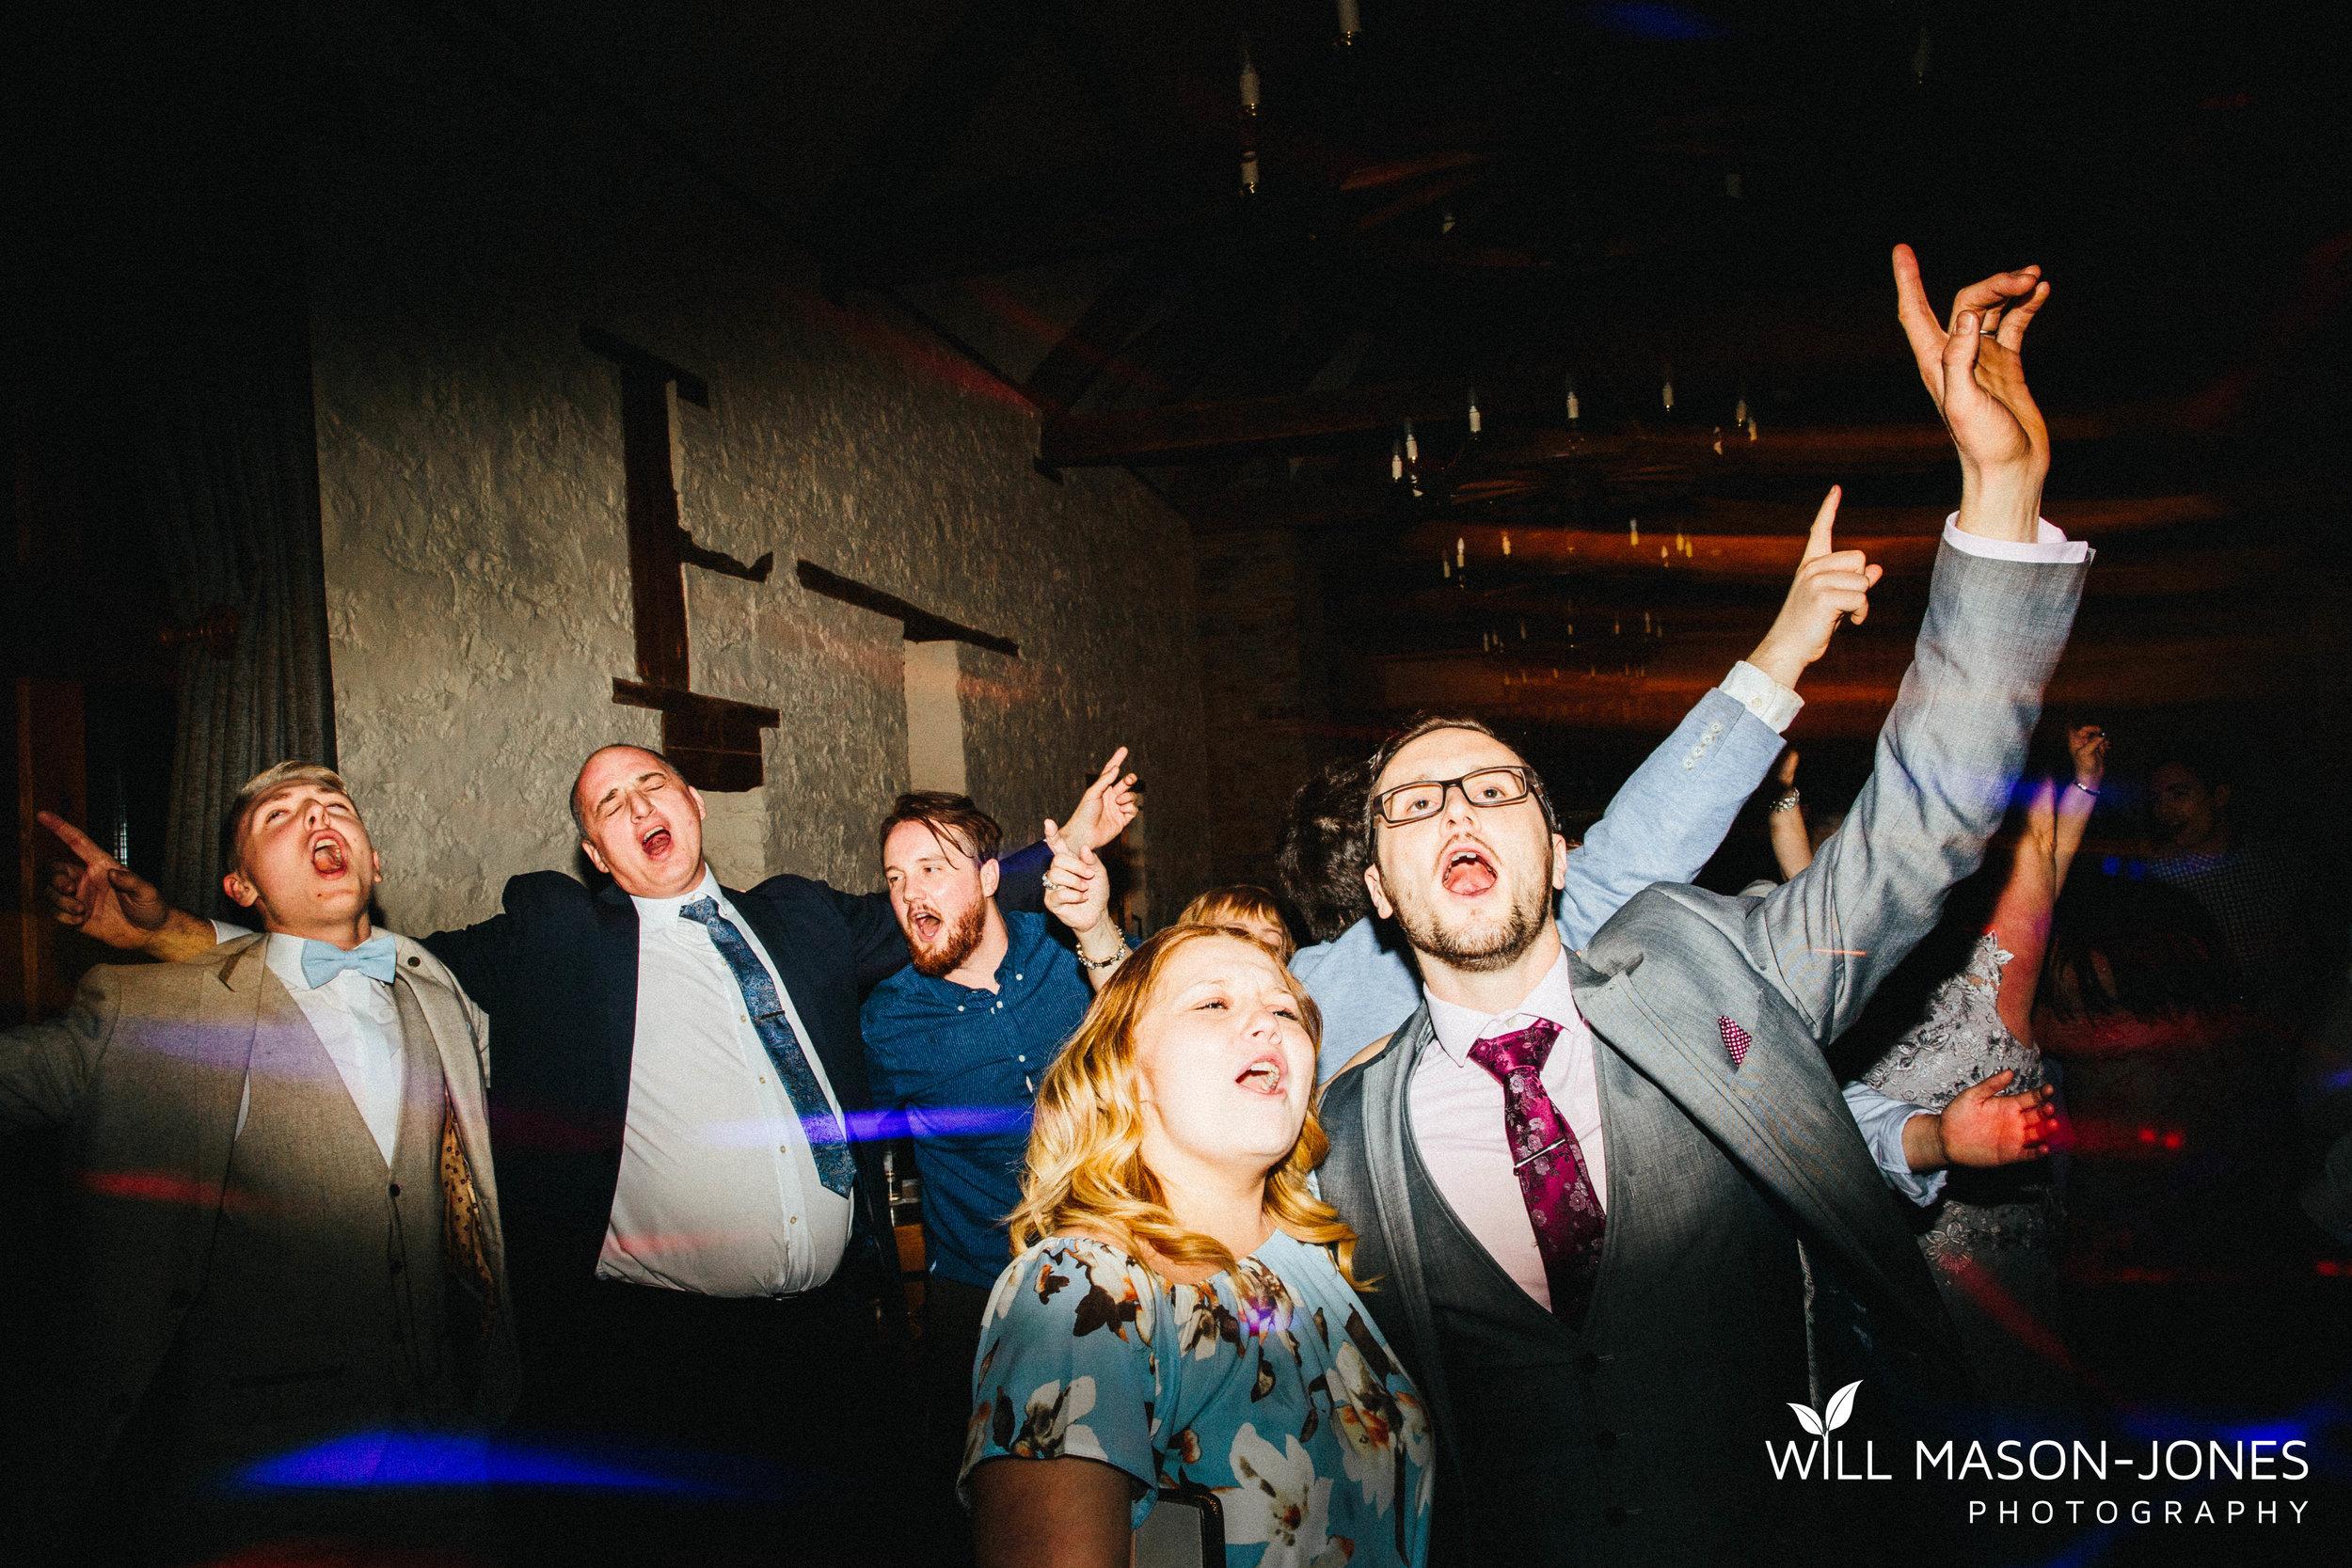 barn-y-brynych-brecon-swansea-wedding-photographer-cardiff-53.jpg